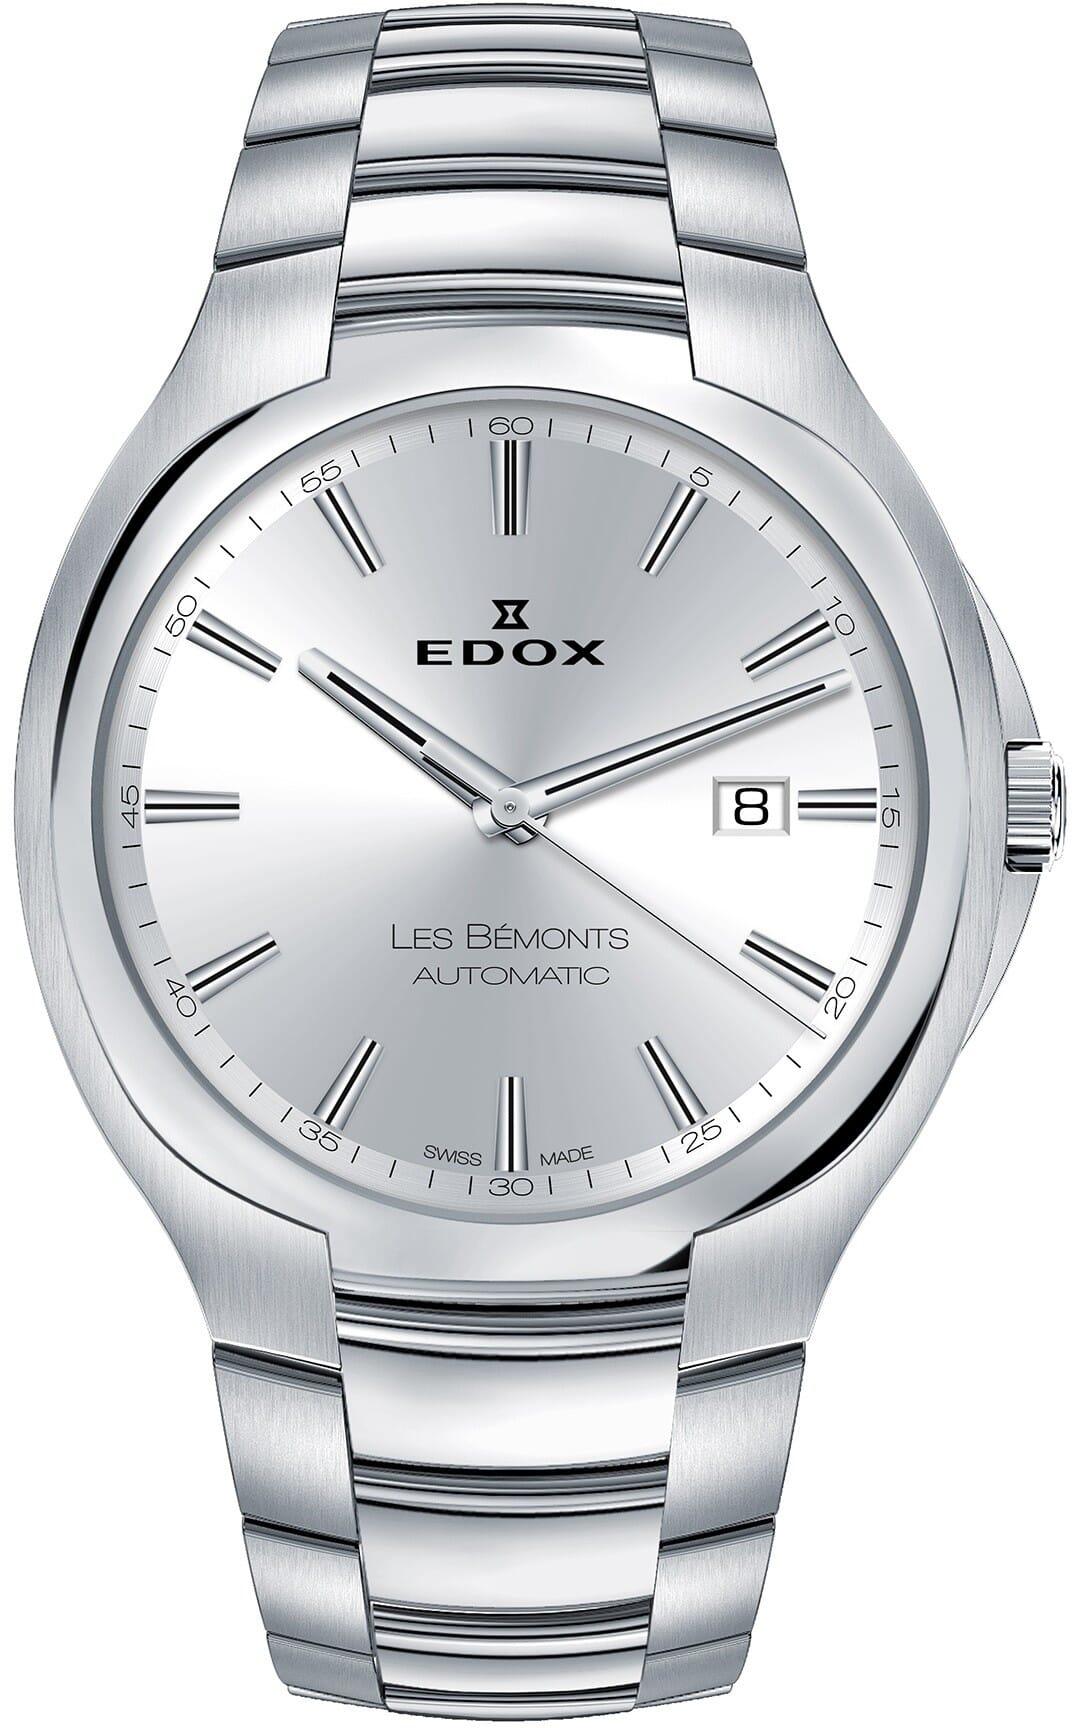 Edox 80114 3 AIN